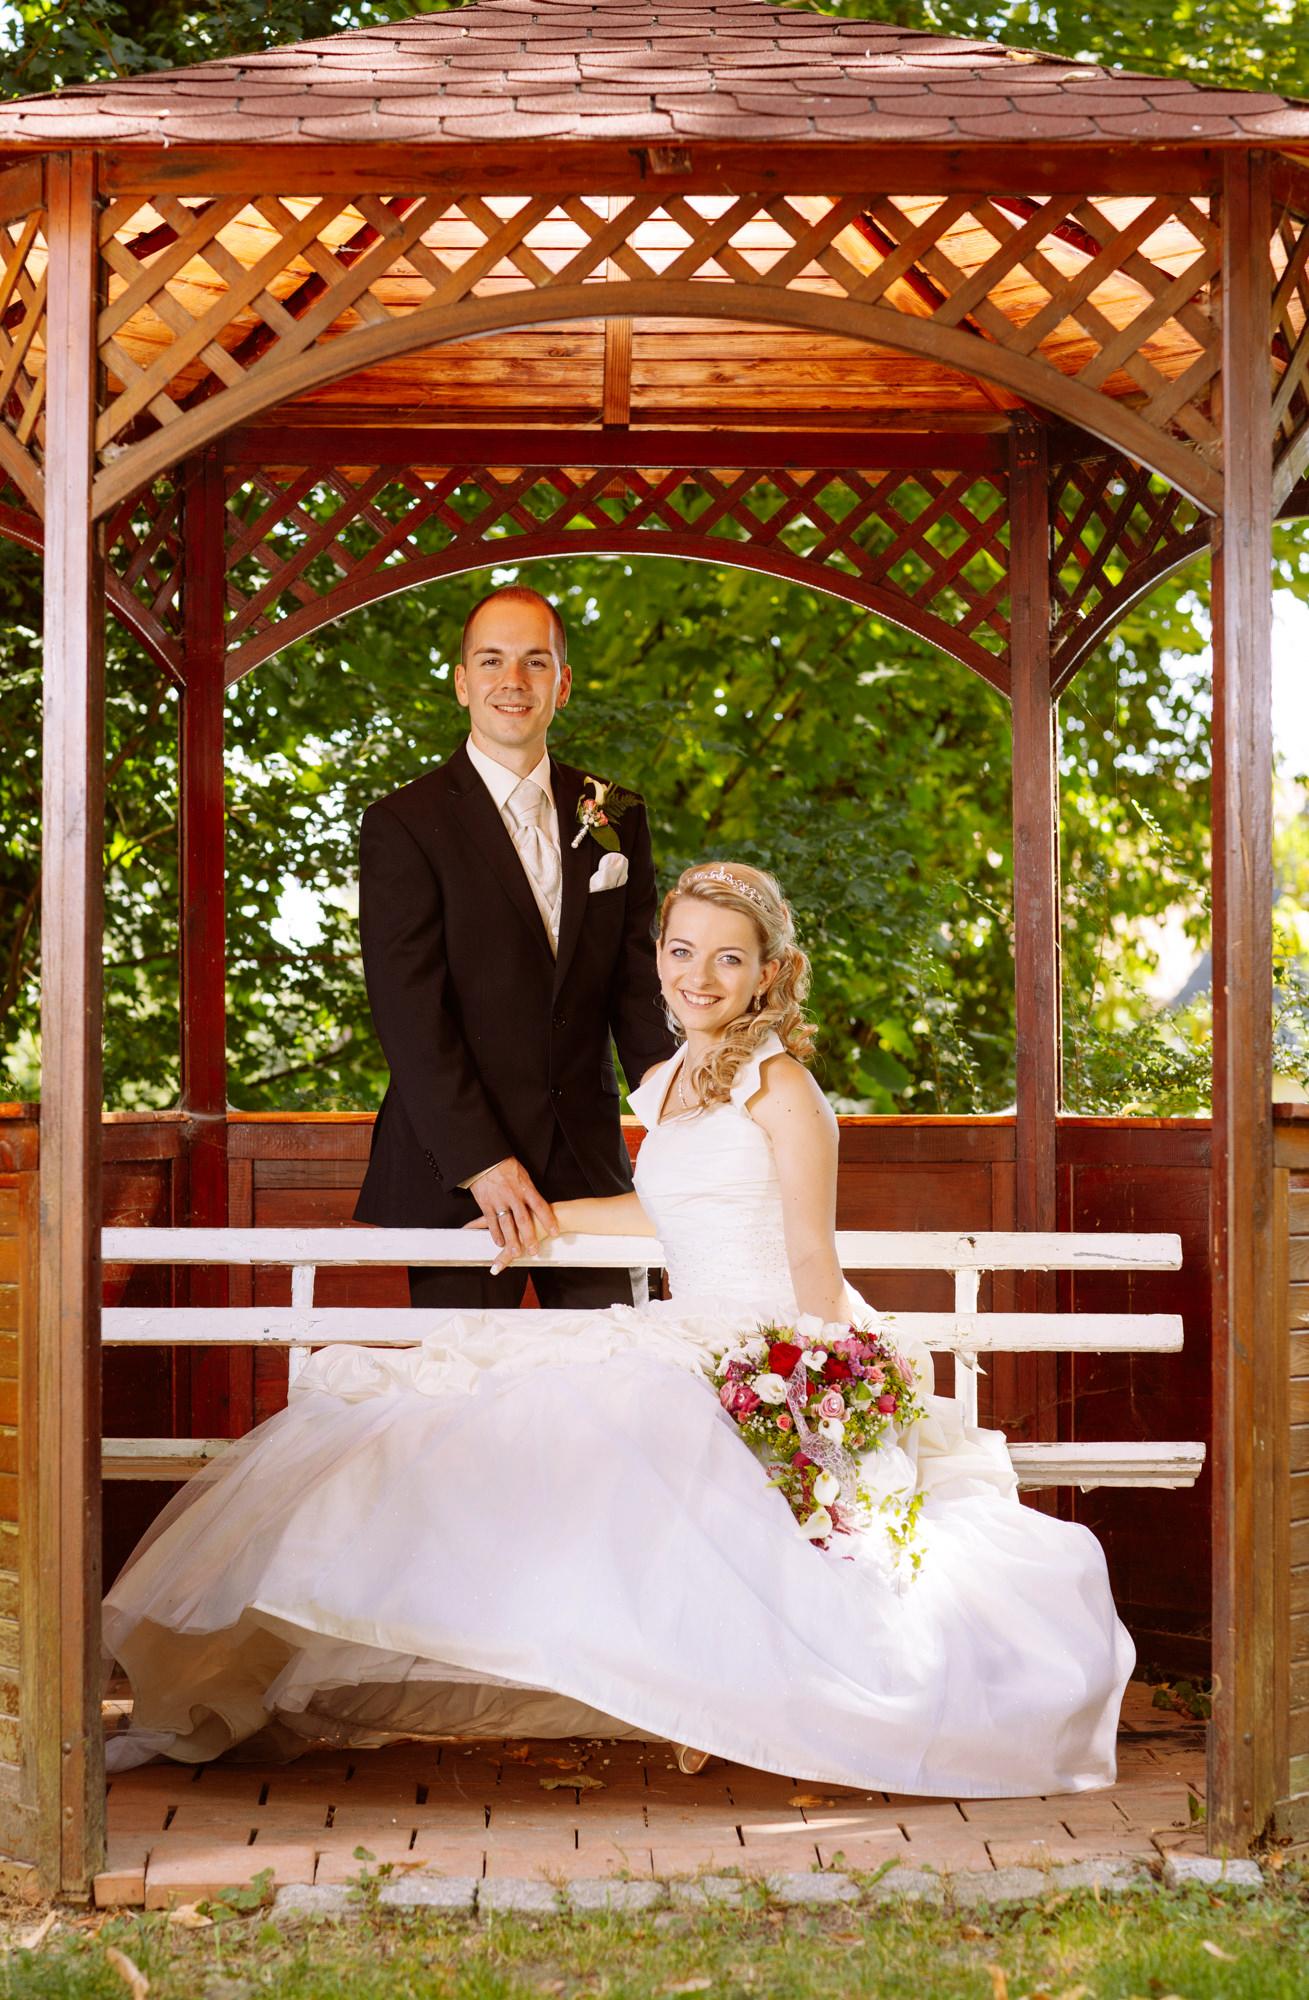 hochzeit-bartzsch-wedding-photographer-maik-kleinert-canon-001.jpg